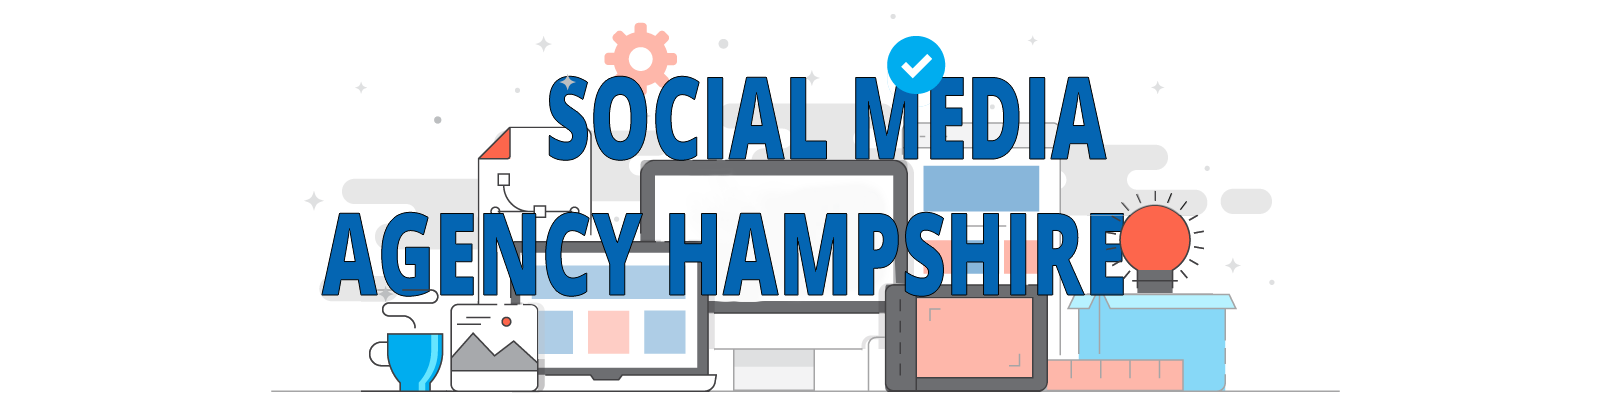 Social-Media-agency-Hampshire